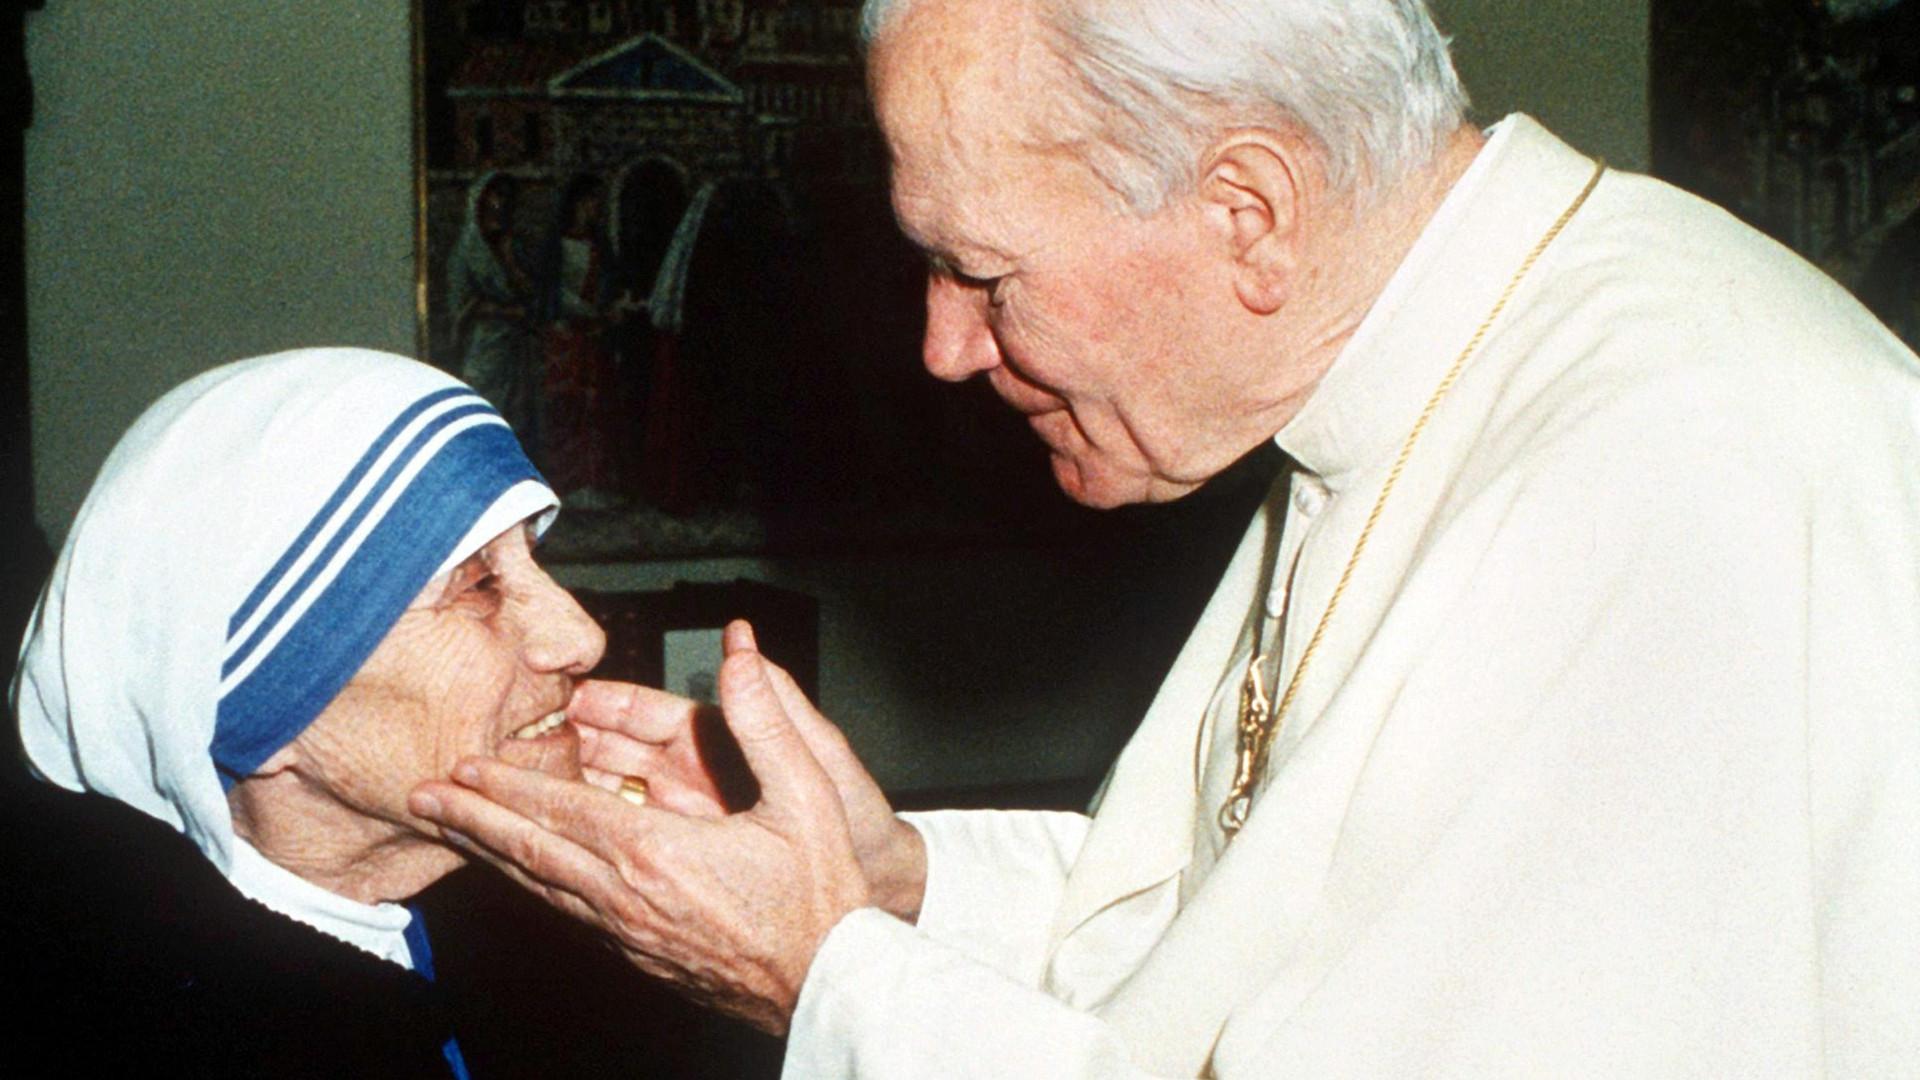 Come Servire La Messa.Santa Messa Per La Canonizzazione Di Madre Teresa Di Calcutta Catt Ch